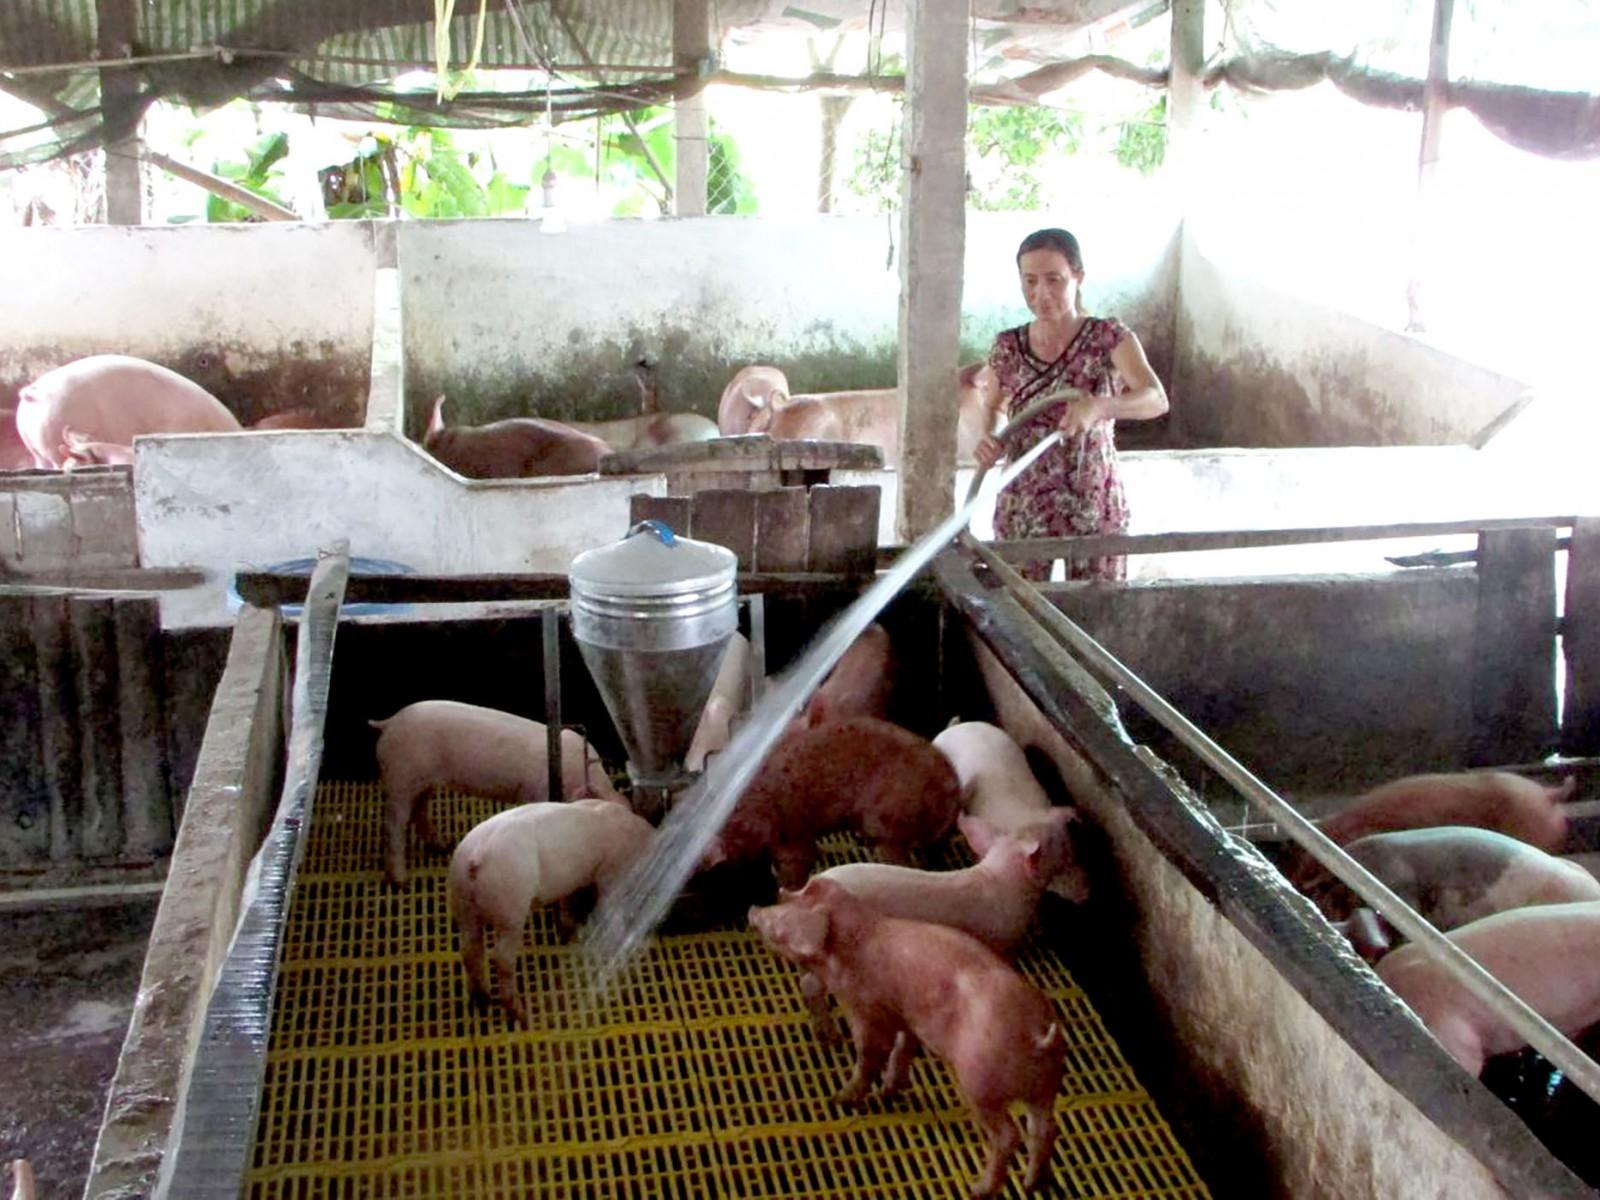 Đàn heo chăn nuôi áp dụng biện pháp an toàn sinh học được thực hiện tại hộ chăn nuôi ở huyện Vĩnh Thạnh, ngăn chặn bệnh DTHCP xâm nhập.